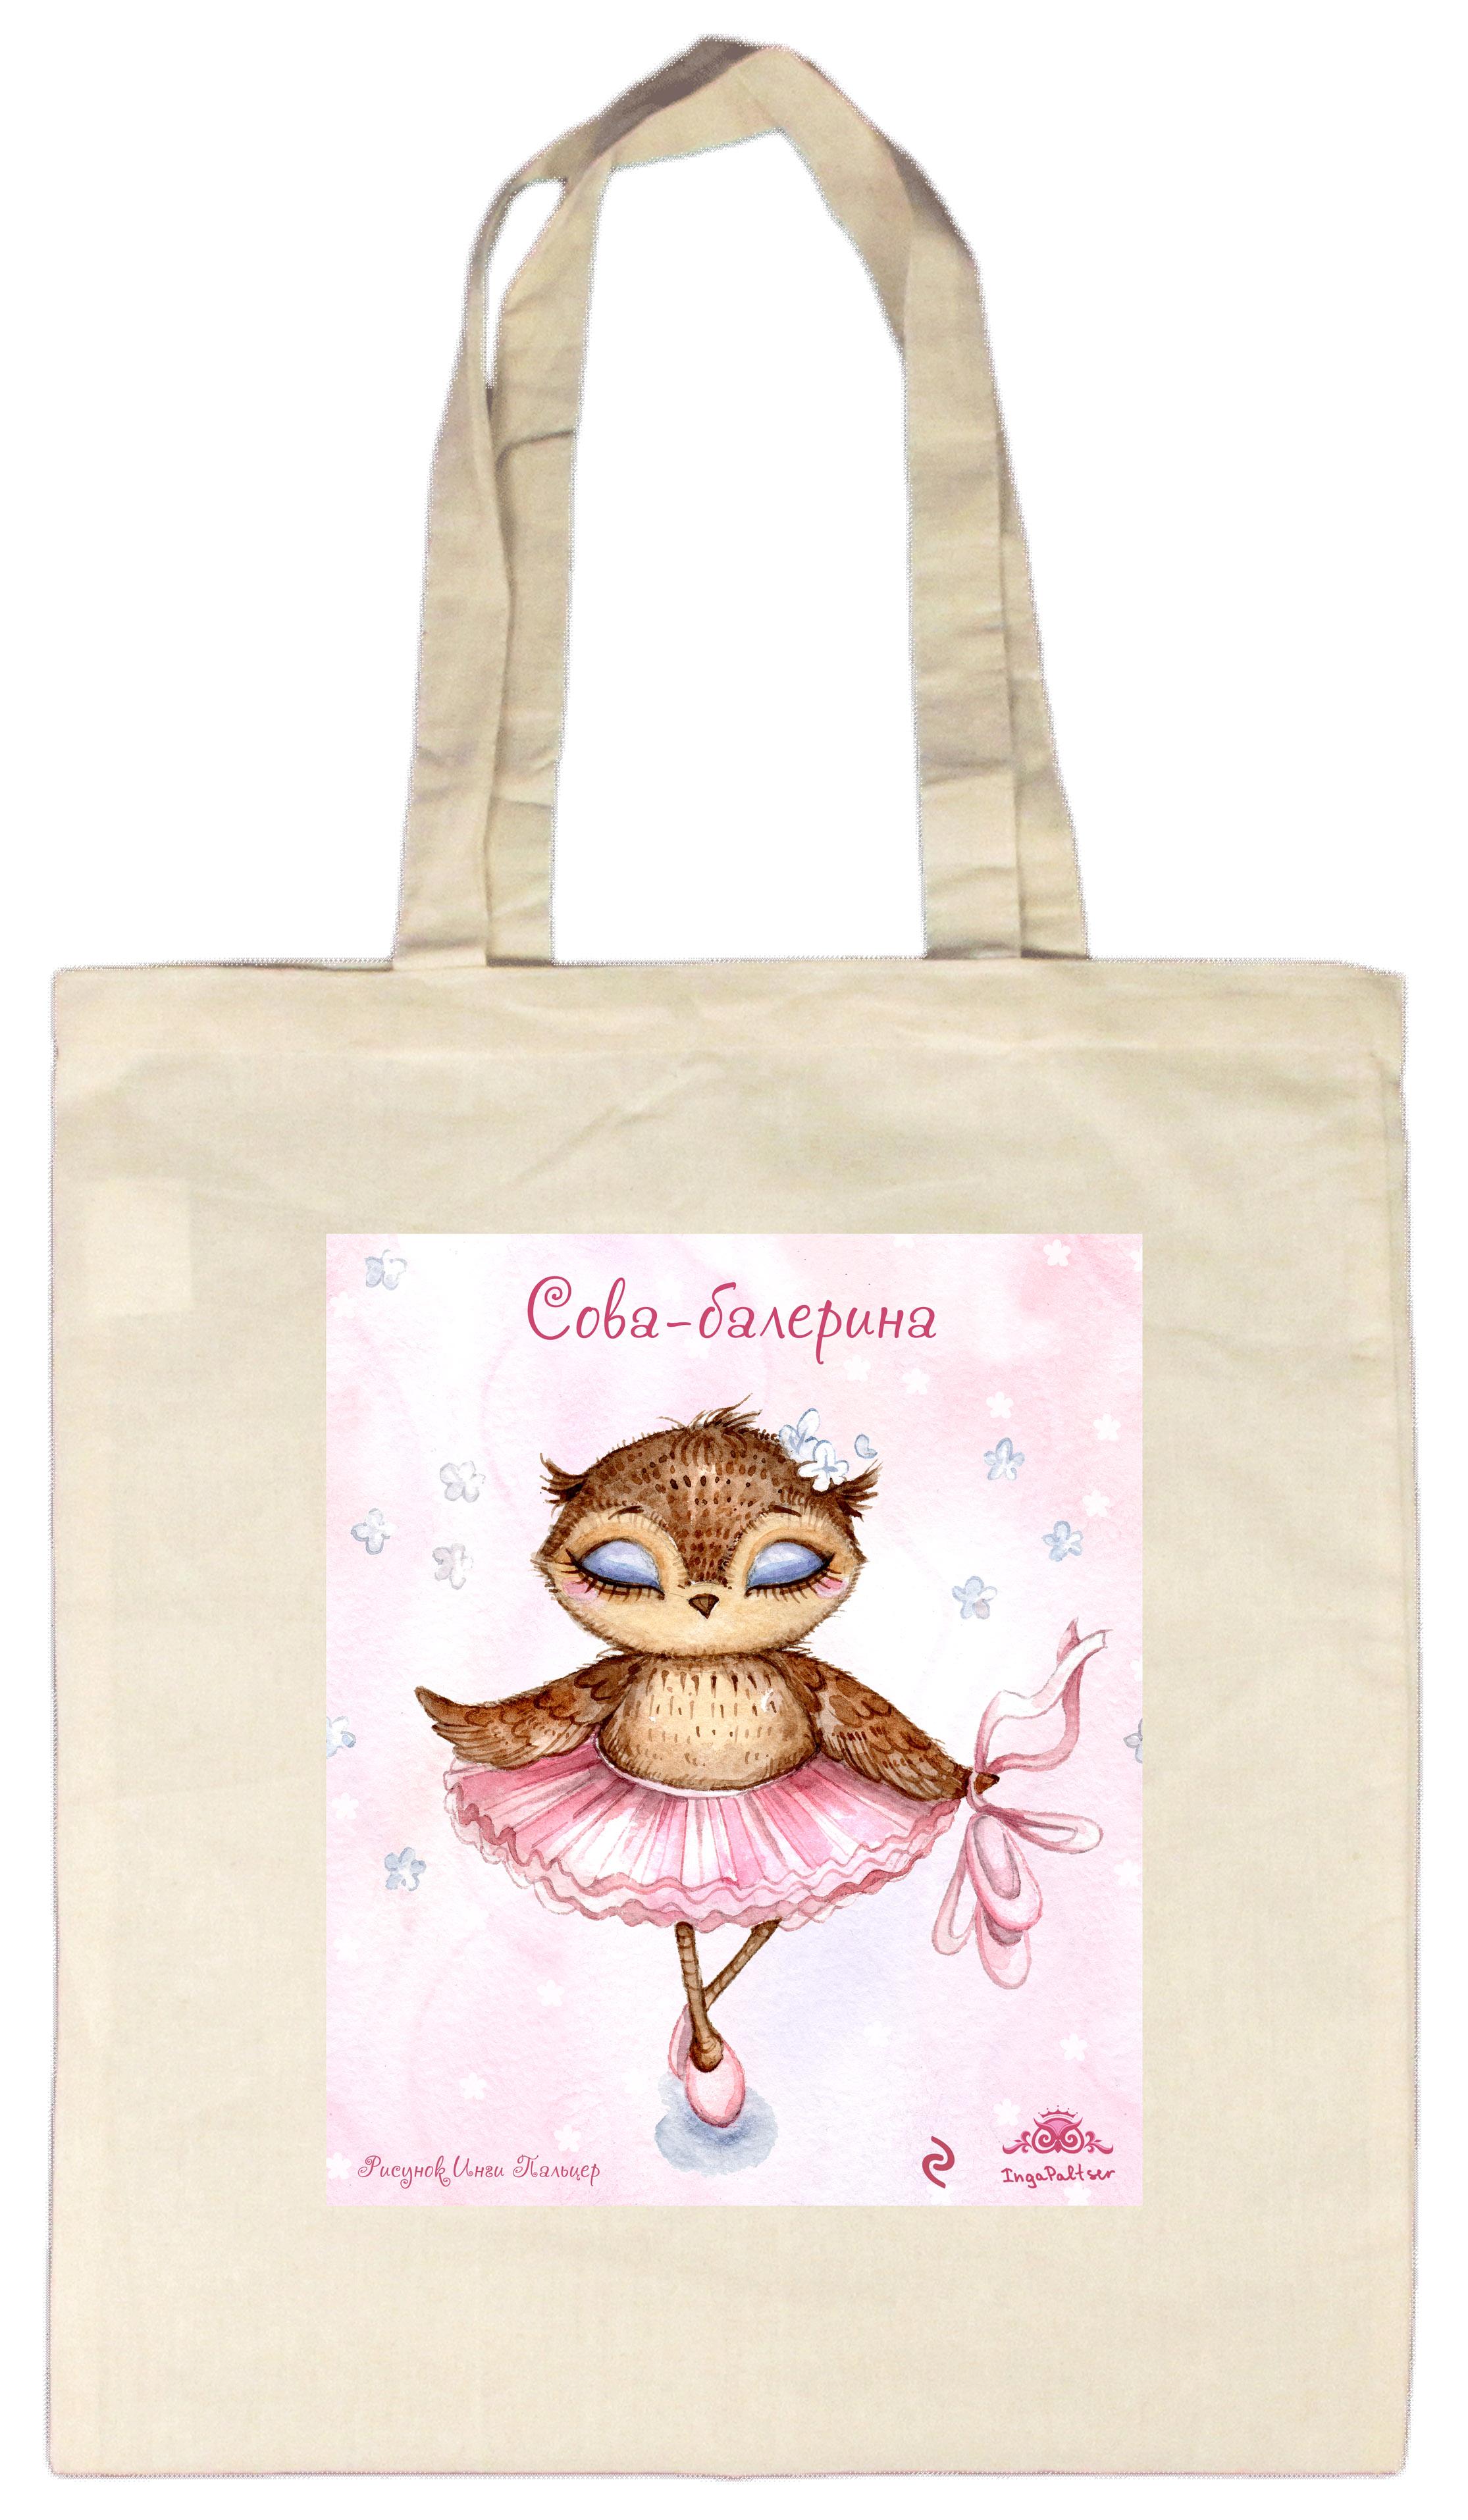 Сумка Сова-балерина, 35 х 39 см978-5-699-83853-0Смешные совы теперь и на сумках! Легкая, удобная сумка из плотной ткани с цветным рисунком любимых персонажей станет отличным спутником на каждый день. Длина ручки позволяет носить ее на плече. Смешные надписи и авторские рисунки сов от Инги Пальцер будут радовать вас каждый день. А также станут отличным подарком для друзей.